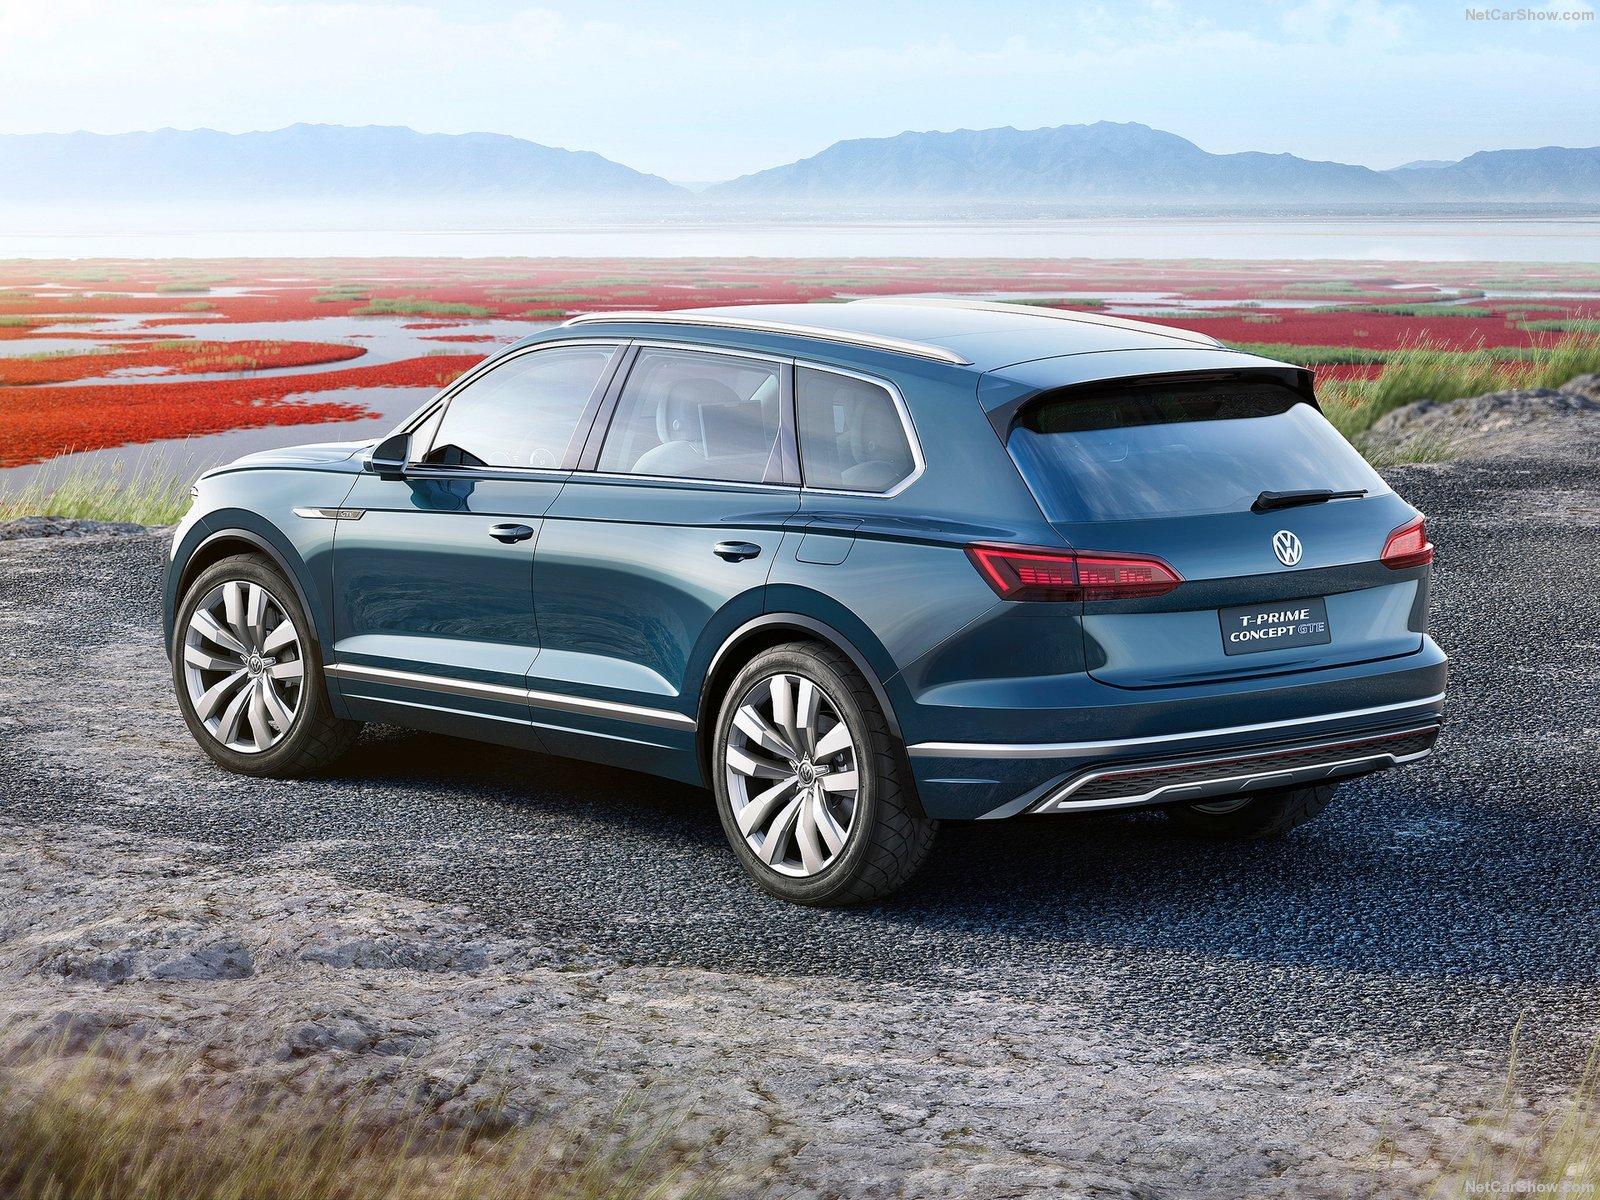 Volkswagen-T-Prime_GTE_Concept-2016-1600-0e (1)